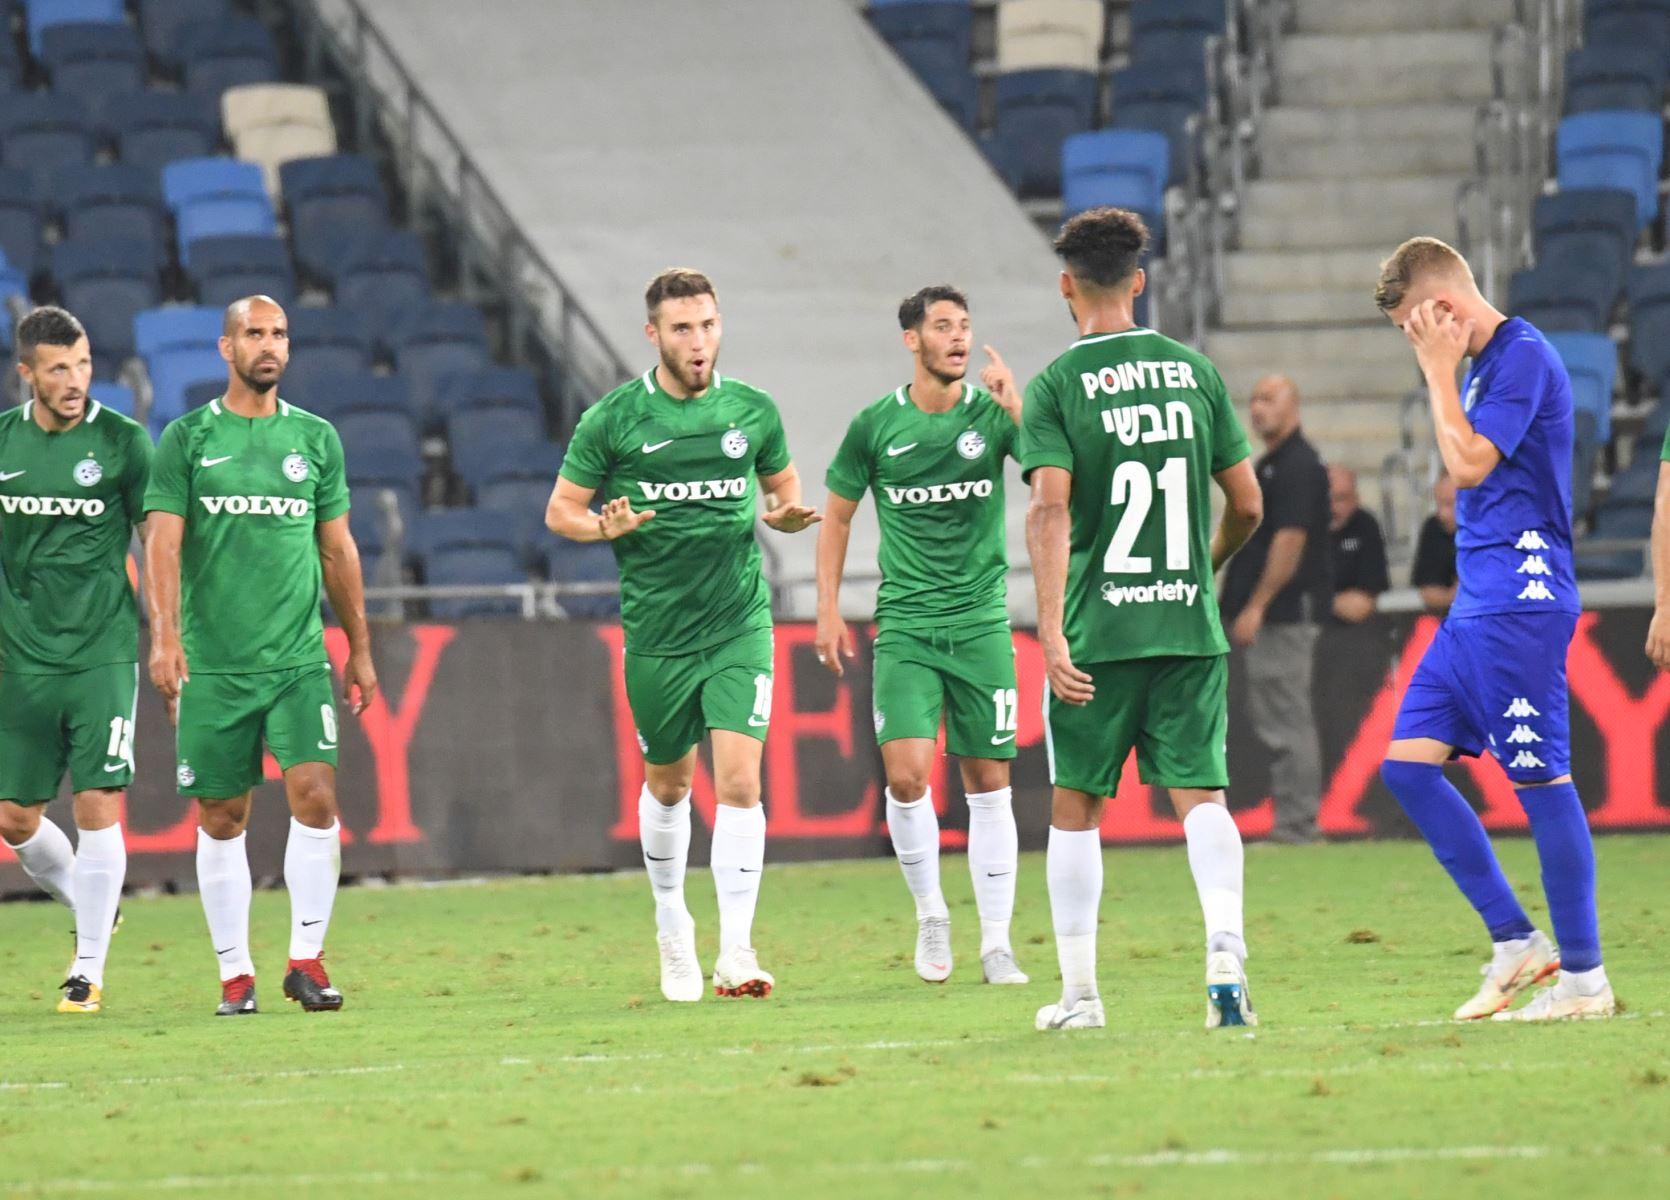 מכבי חיפה מנצחת 2:3 את עירוני קריית שמונה